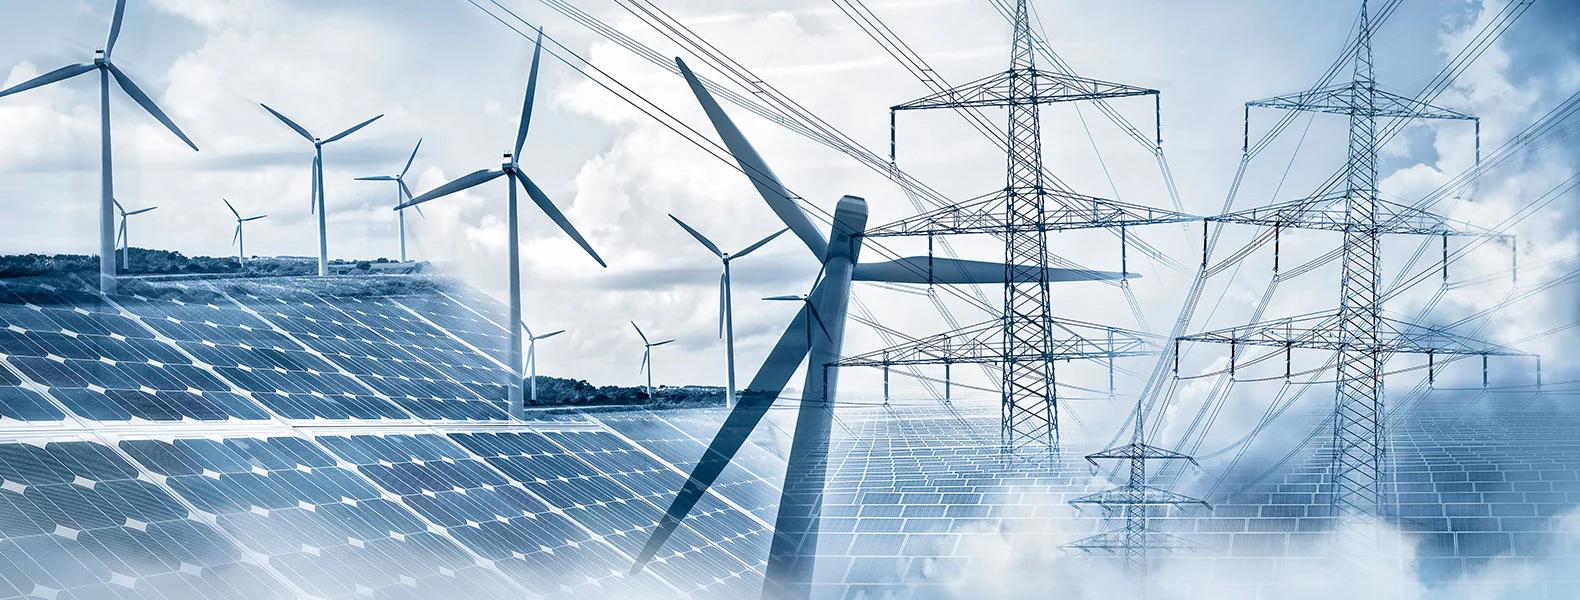 Підтримка відновлюваної енергетики